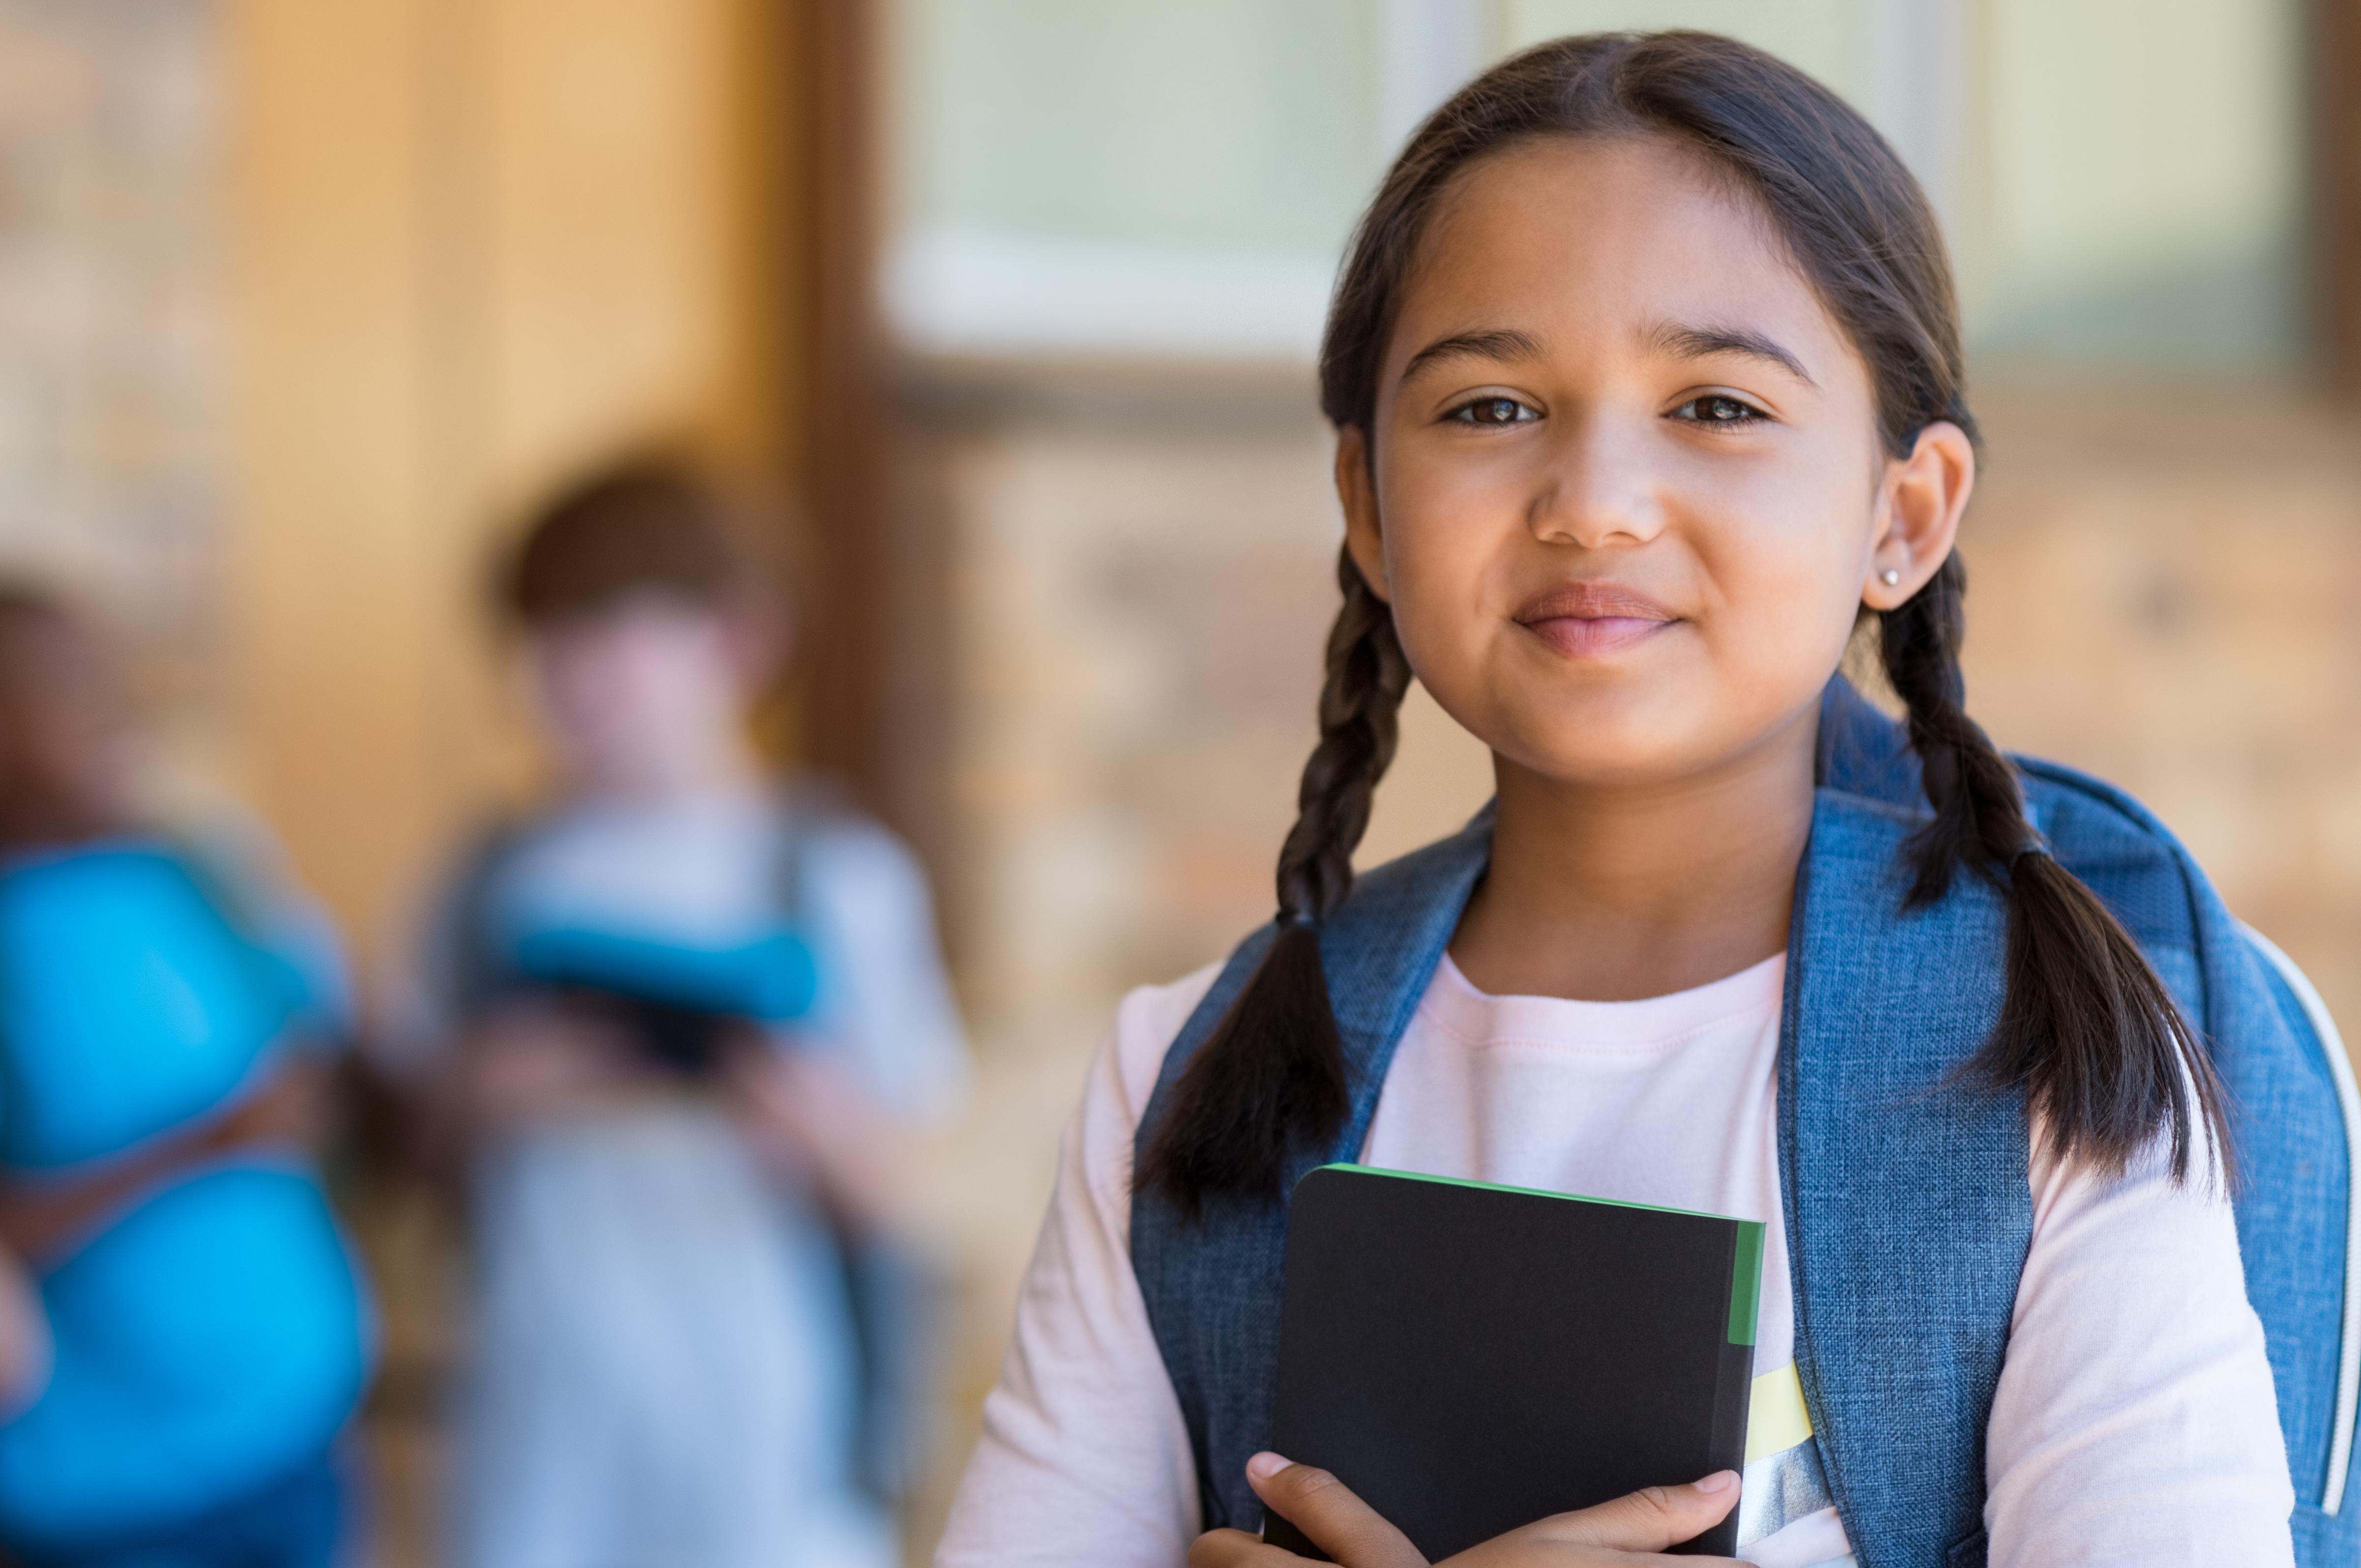 девушка модель учебной работы в школе